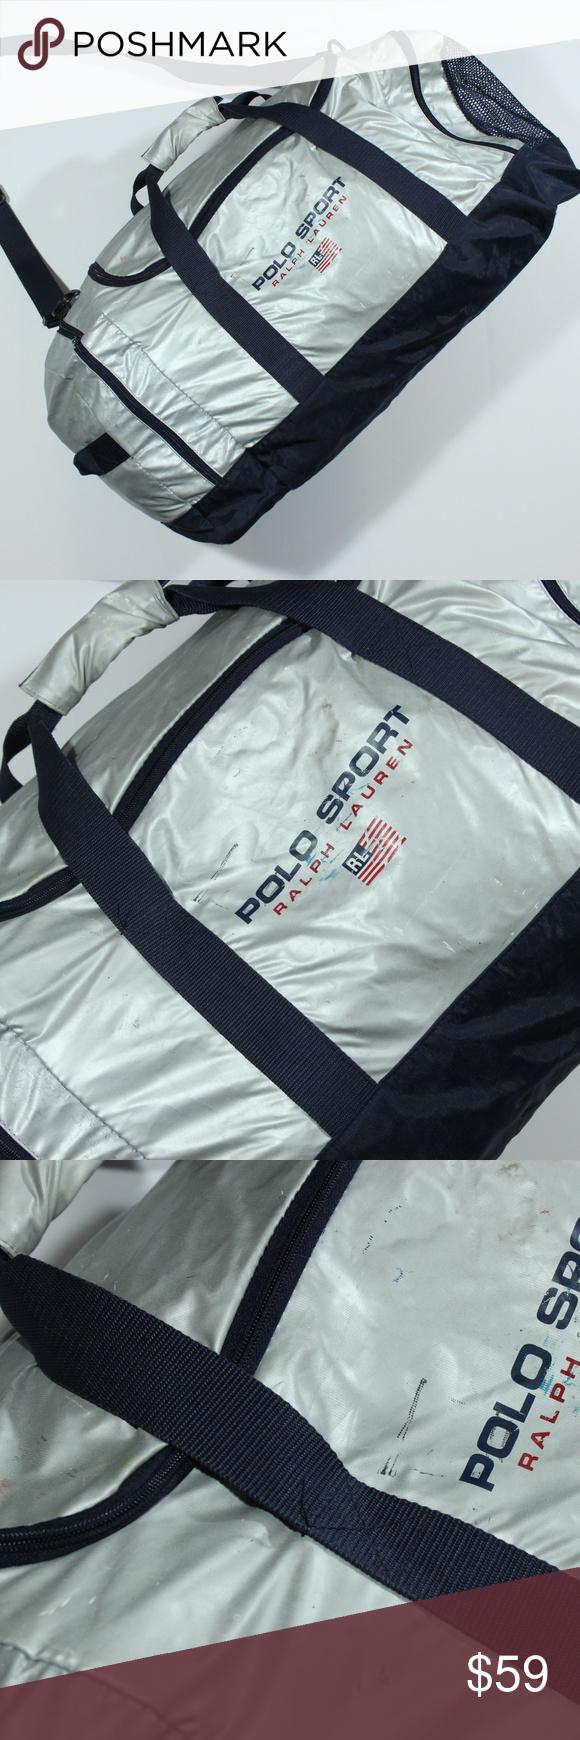 3915b538aeb4 Vtg Polo Sport Duffel Silver Gym Bag 90s Flag Logo Vintage Authentic Polo  Sport Duffel Silver